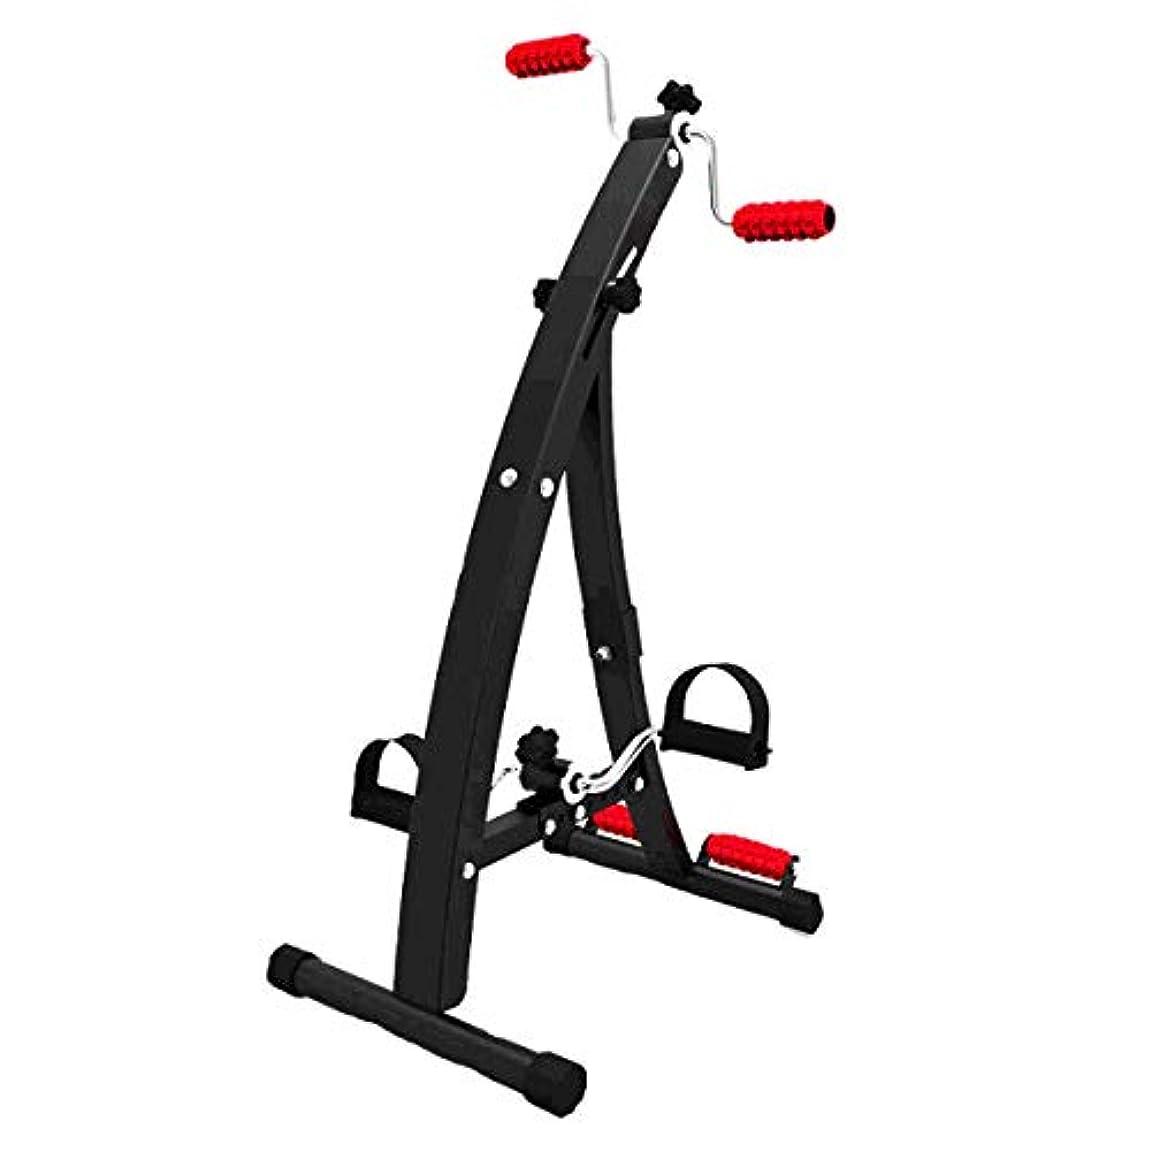 まあスカウトヒューマニスティックペダルエクササイザー、医療リハビリテーション体操上肢および下肢のトレーニング機器、筋萎縮リハビリテーション訓練を防ぐ,A